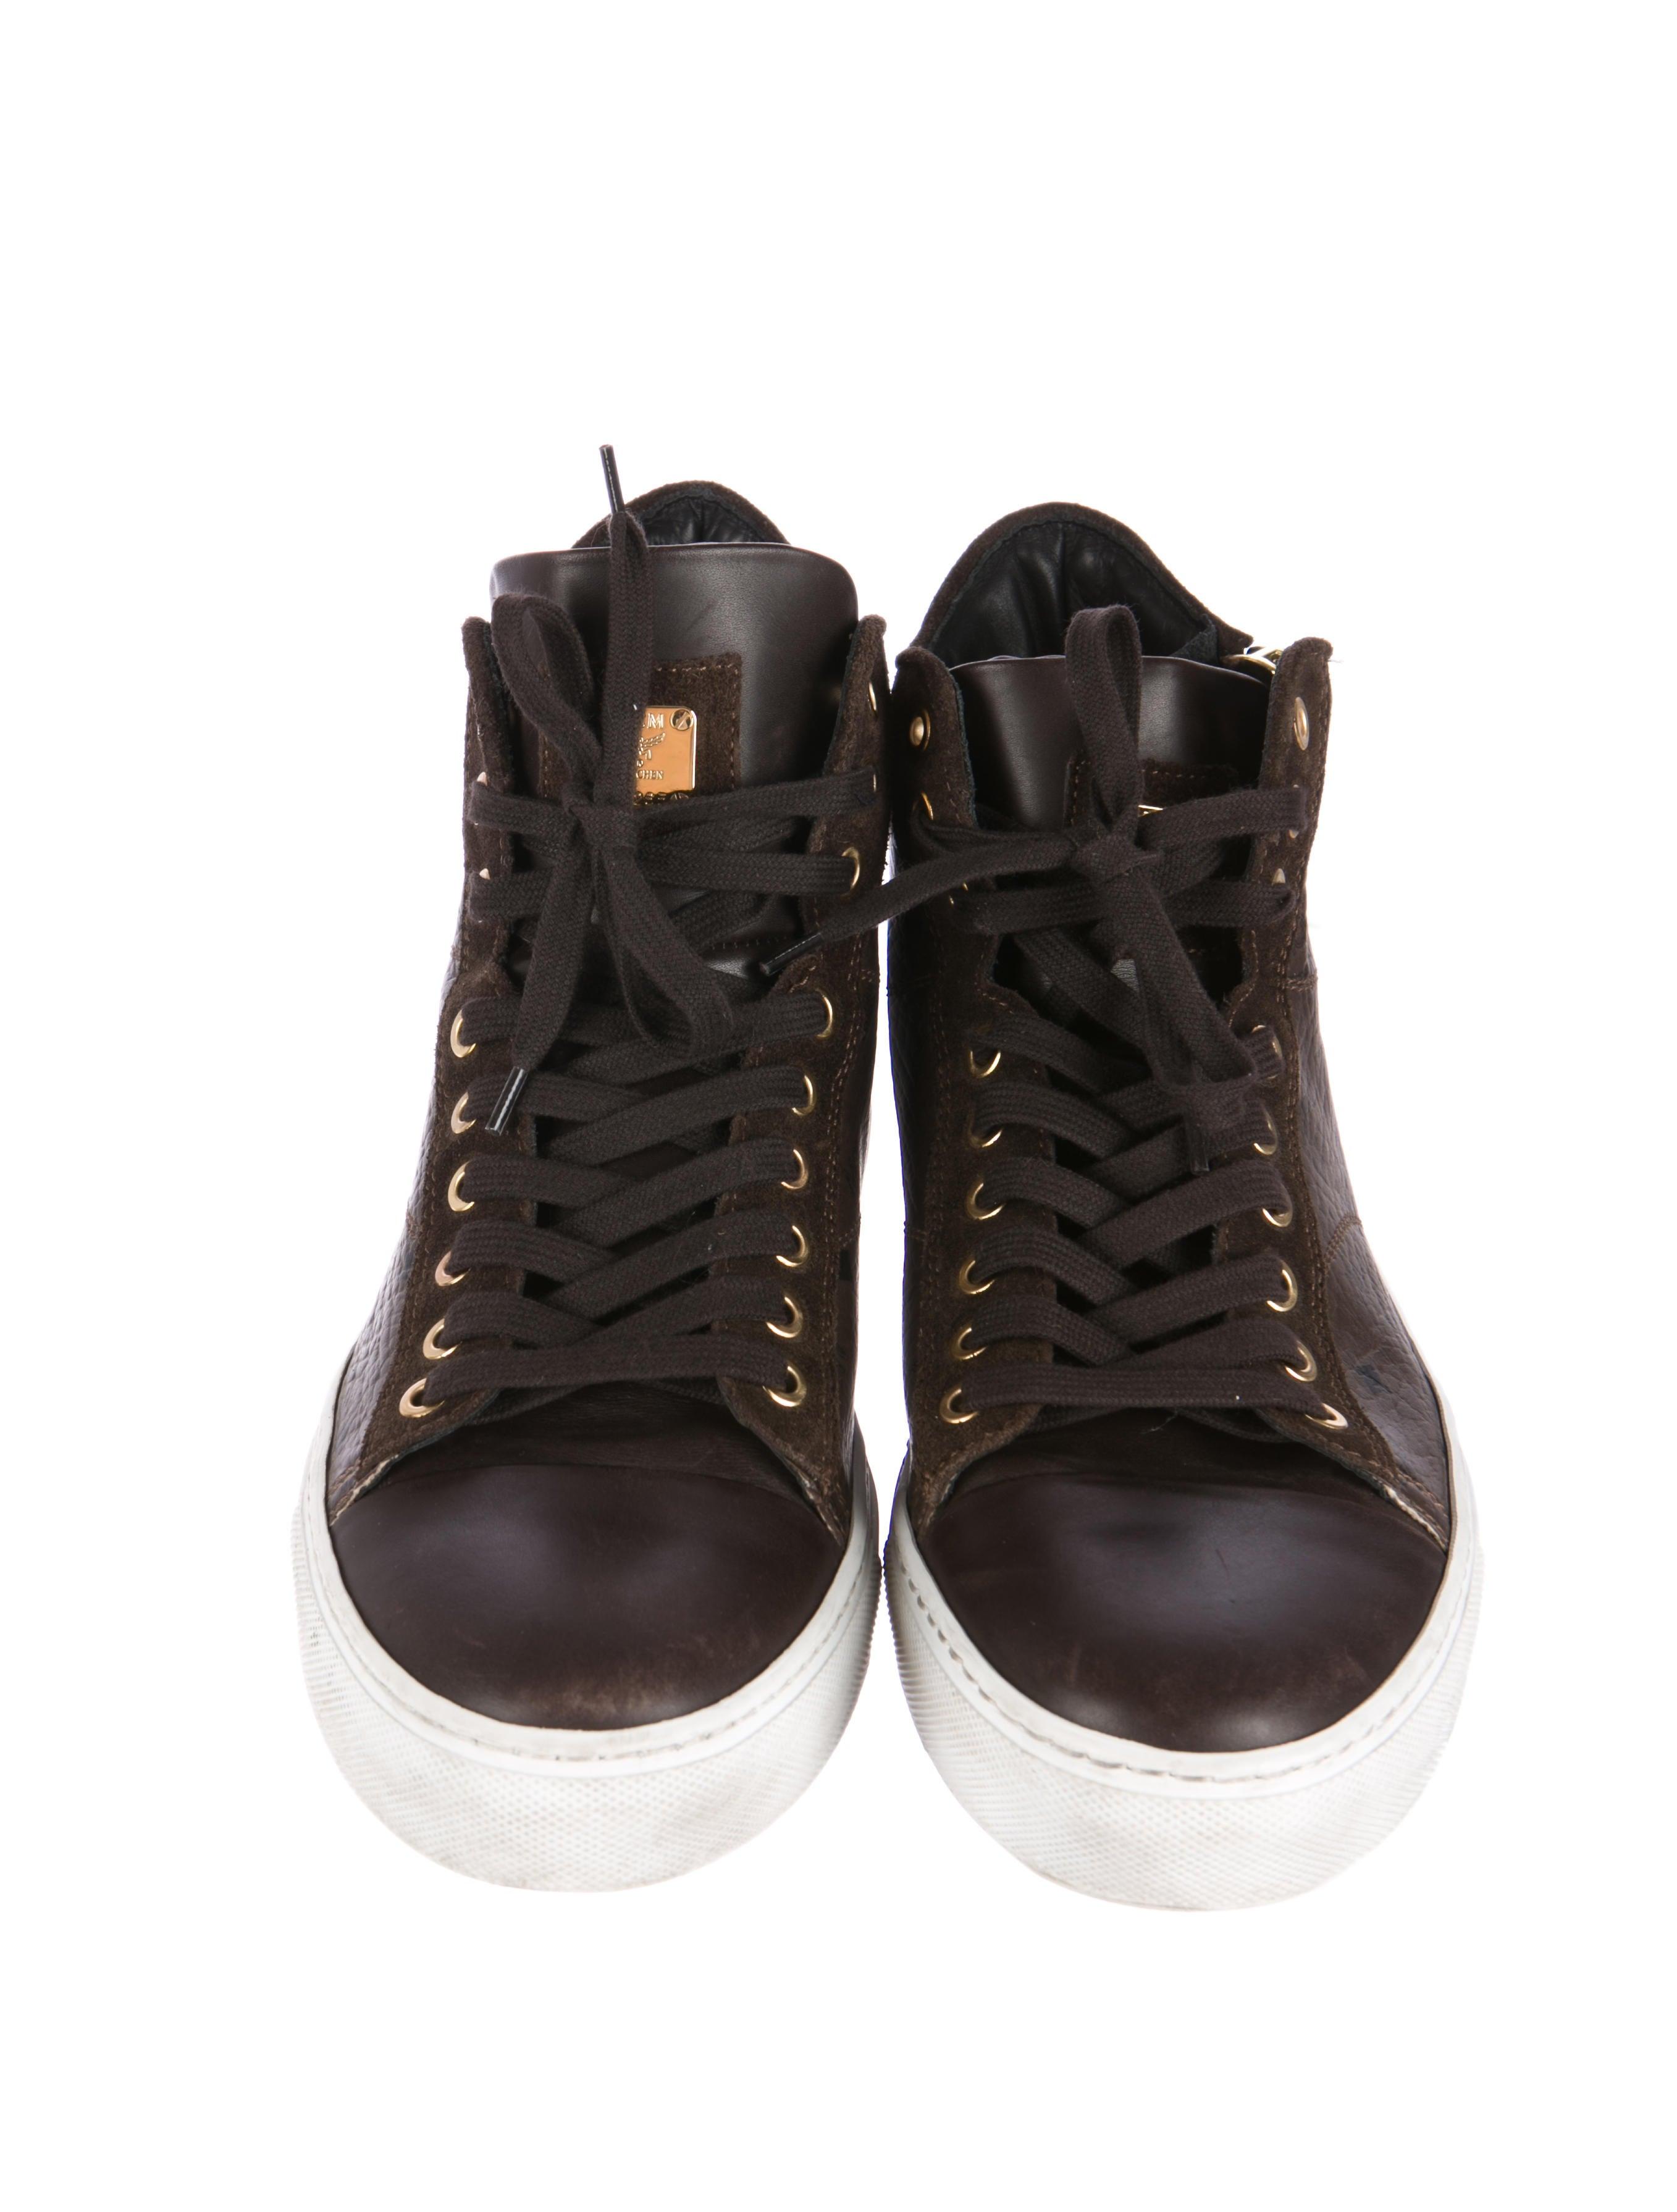 Black Mcm Shoes